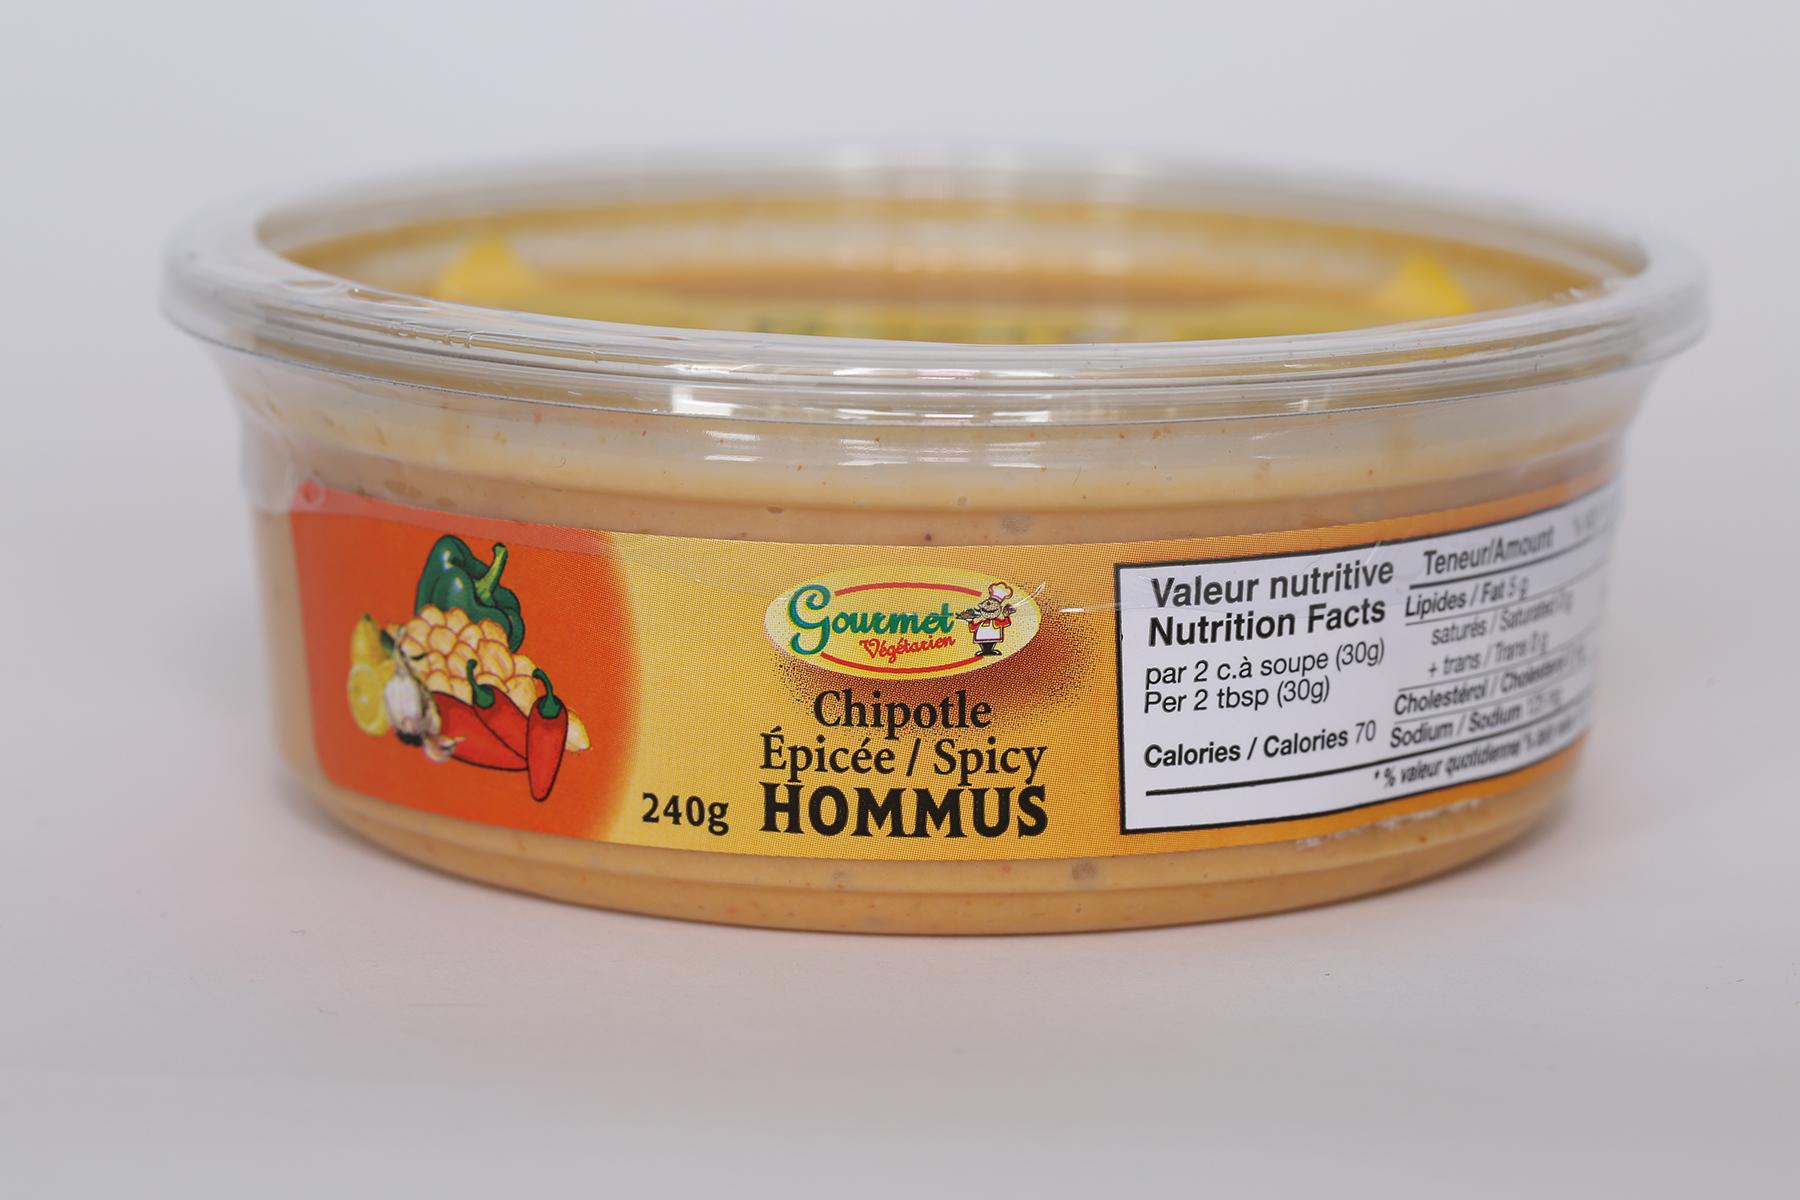 Spicy Chipotle Hommus